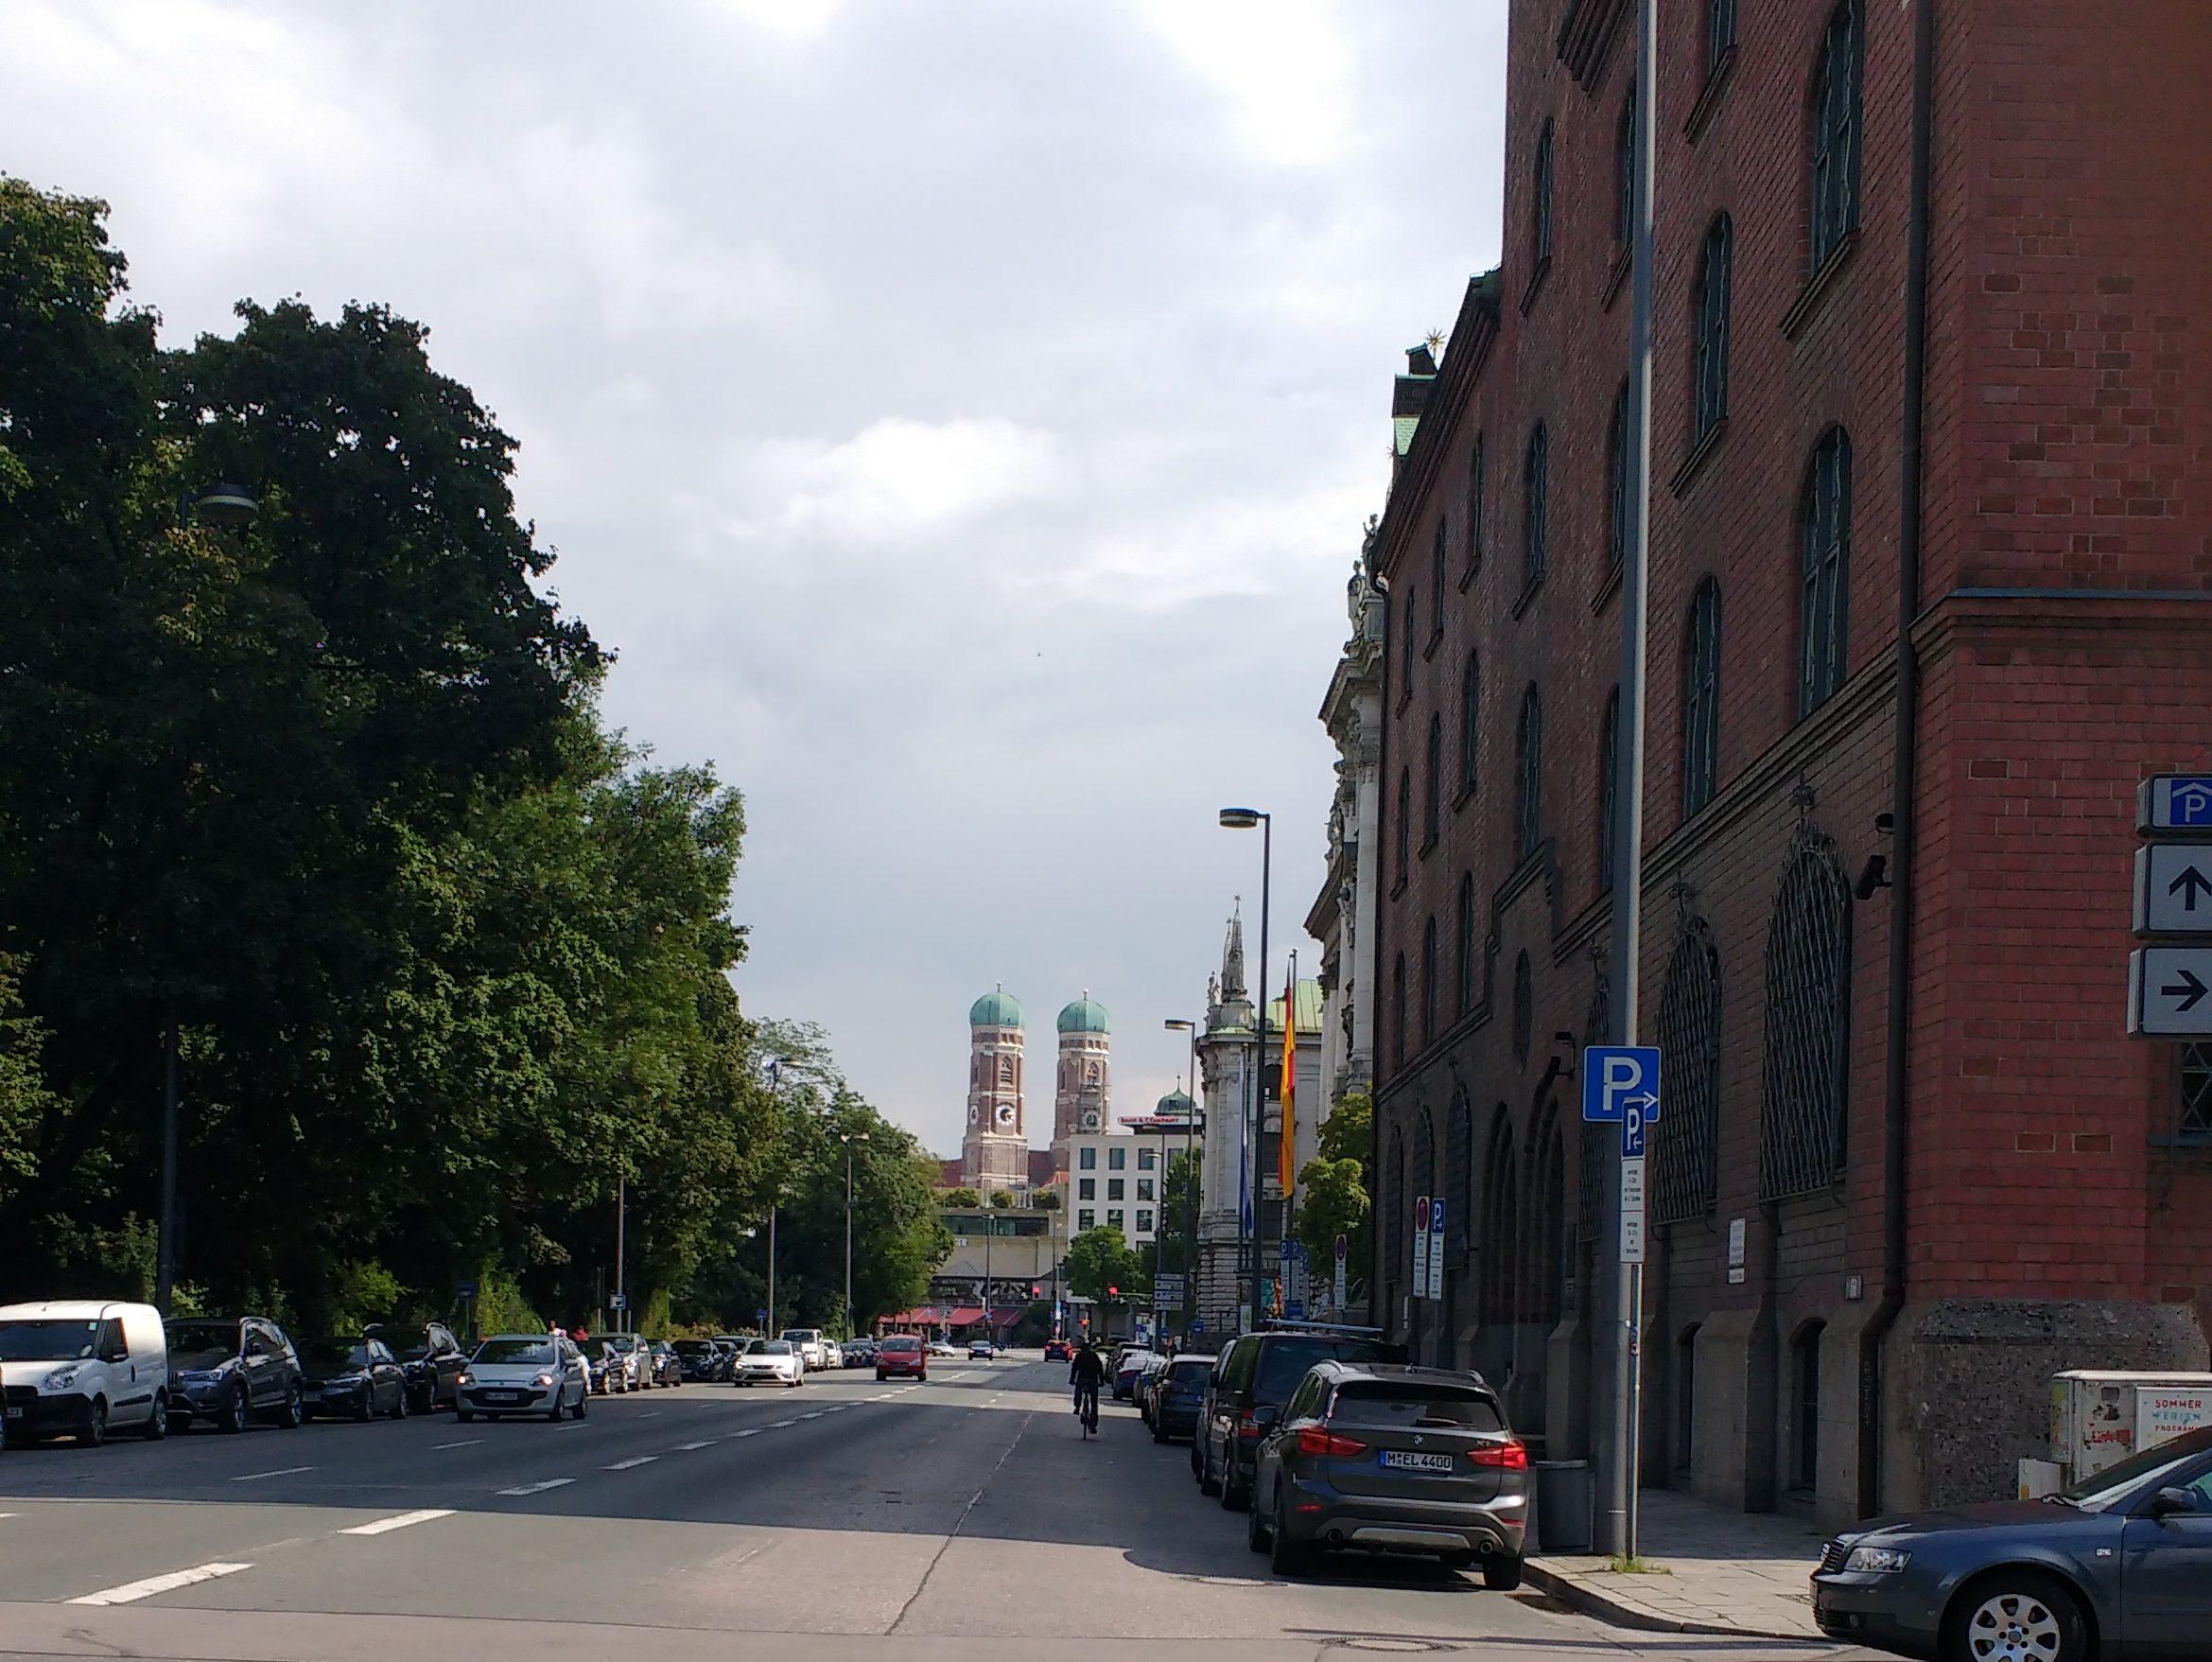 Elisenstraße in München mit Blick auf die Türme der Frauenkirche